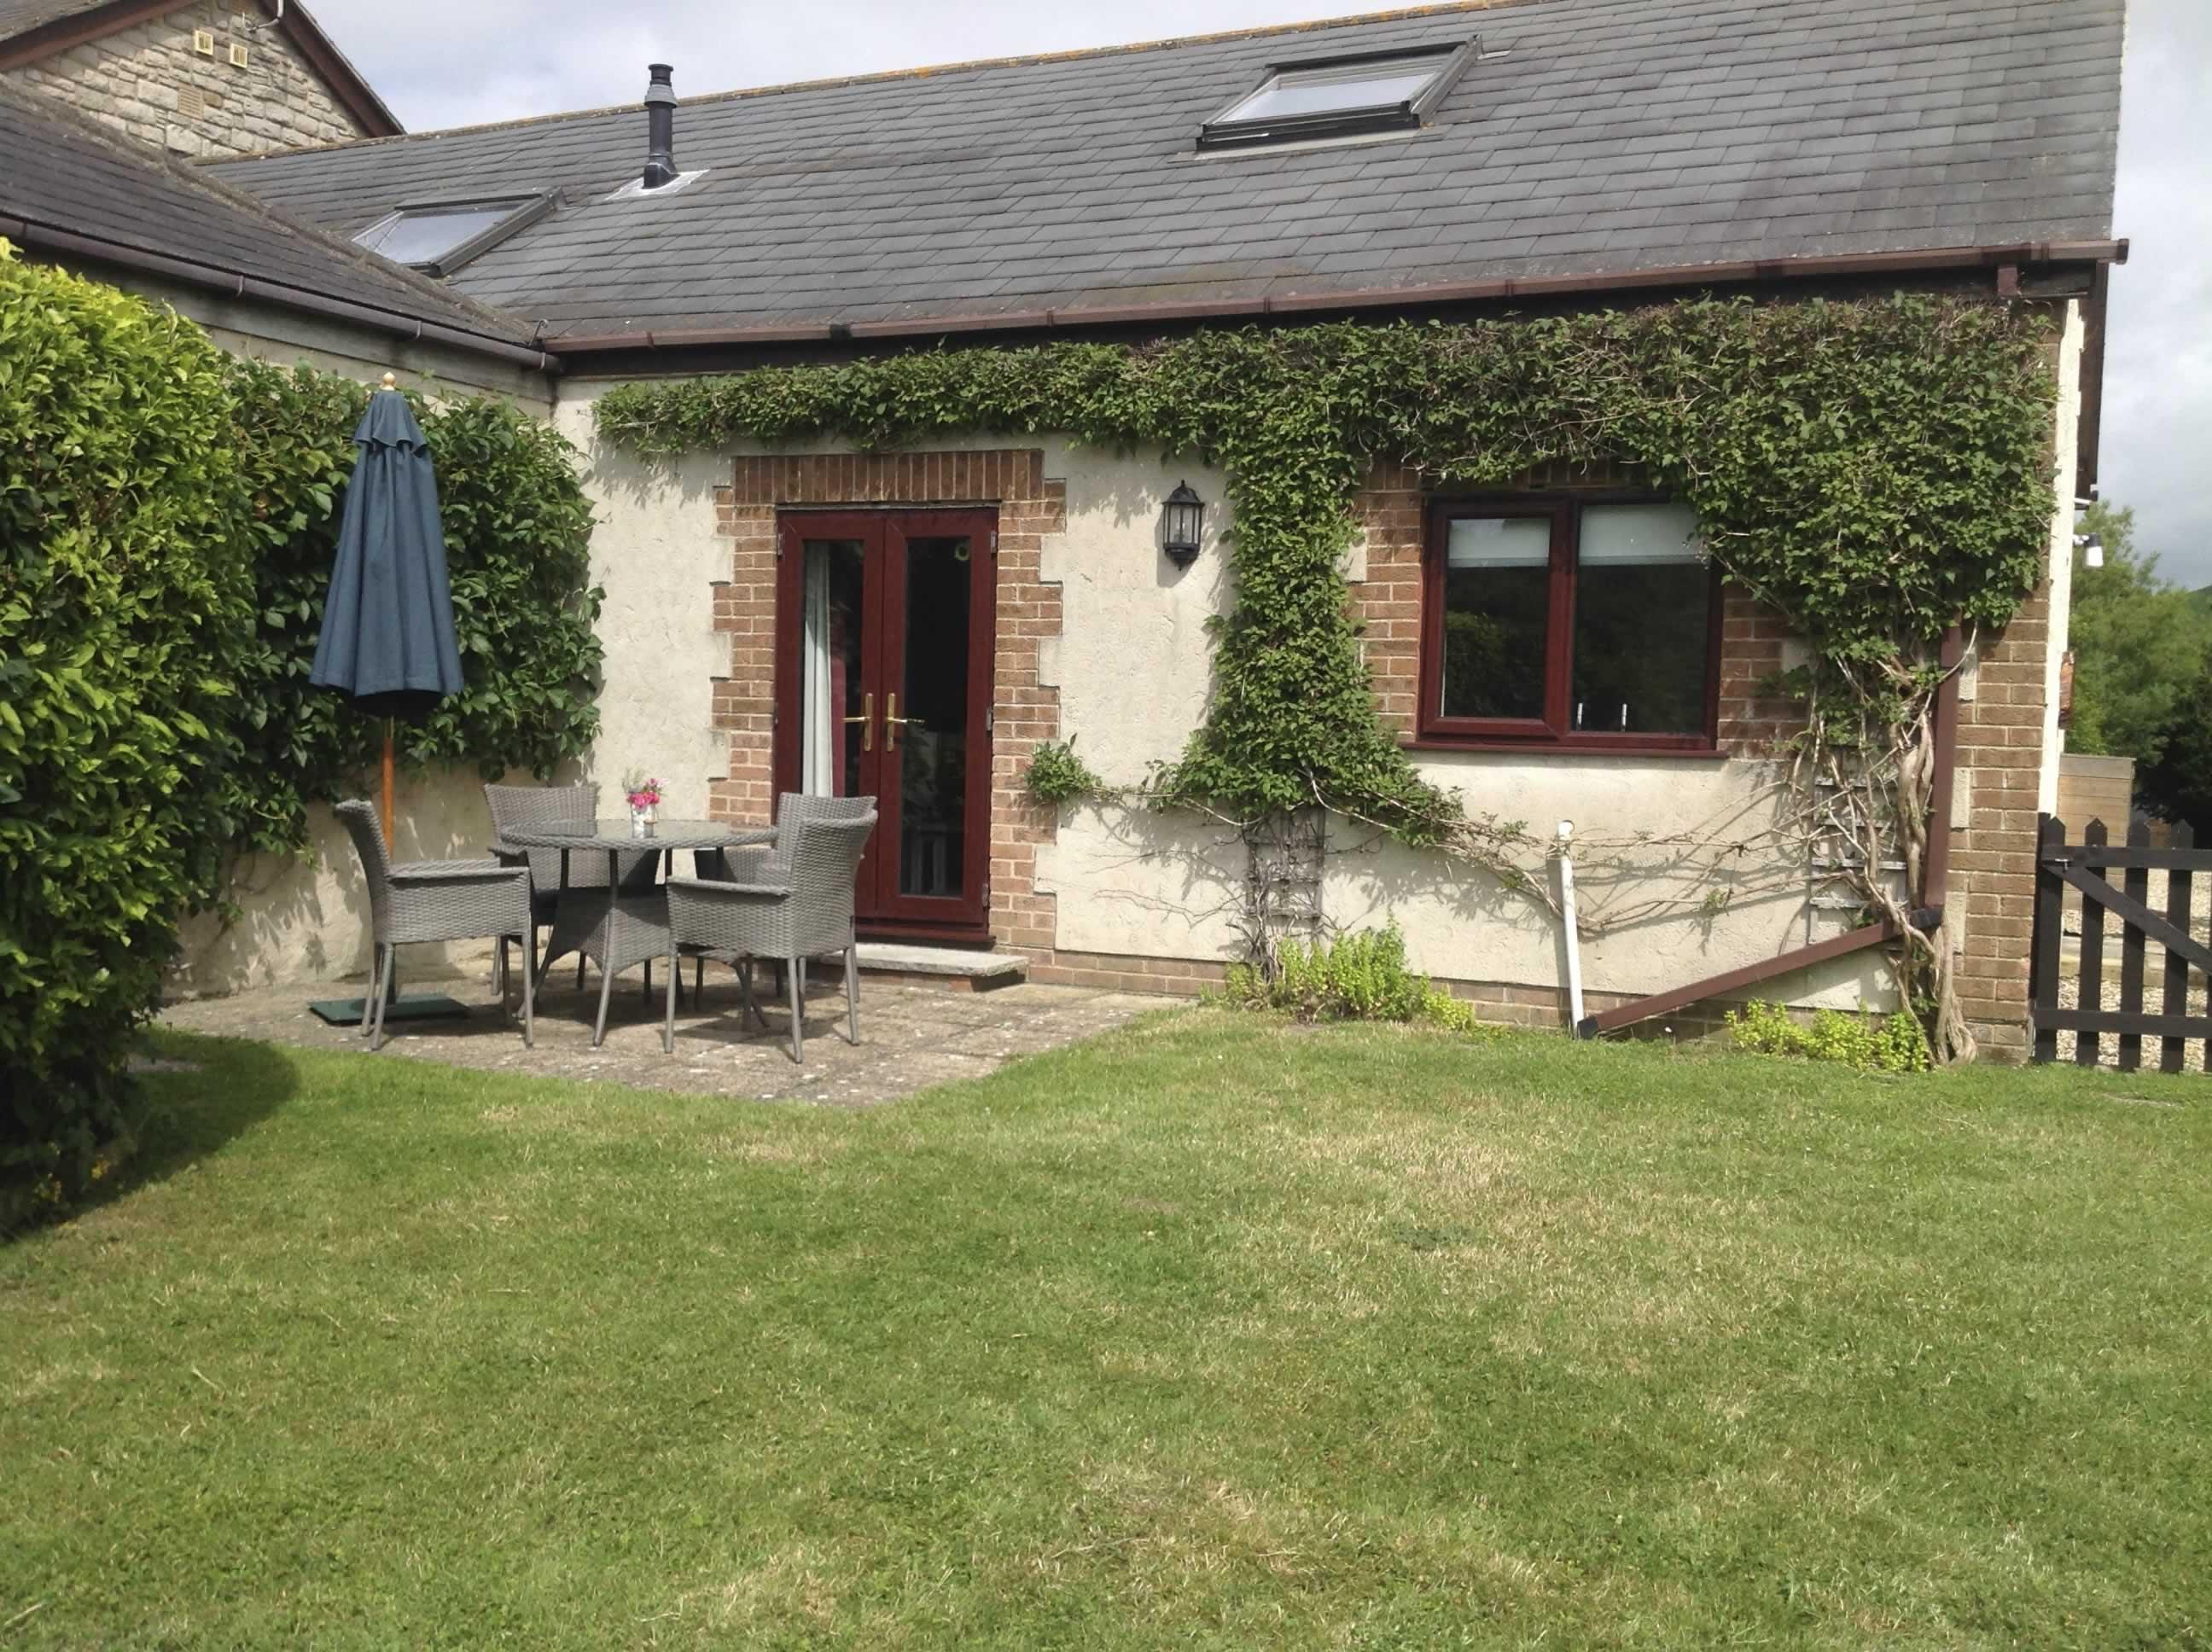 Ganders Cottage